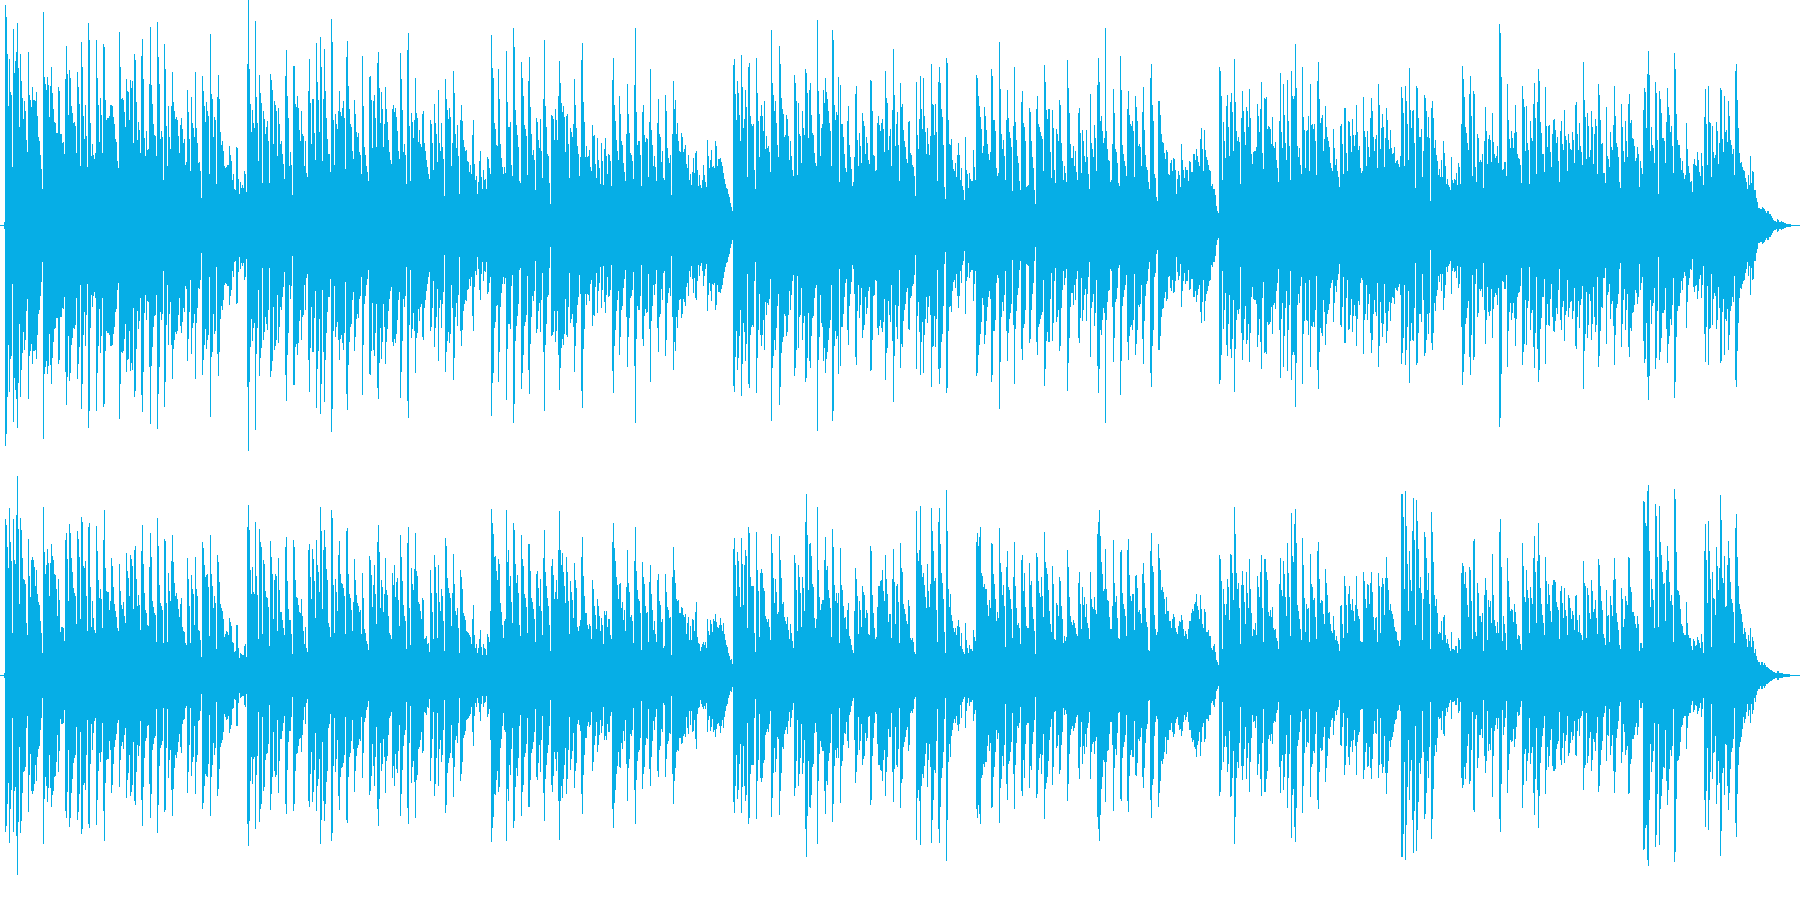 RPG ジブリ系 哀愁マンドリン風アコギの再生済みの波形